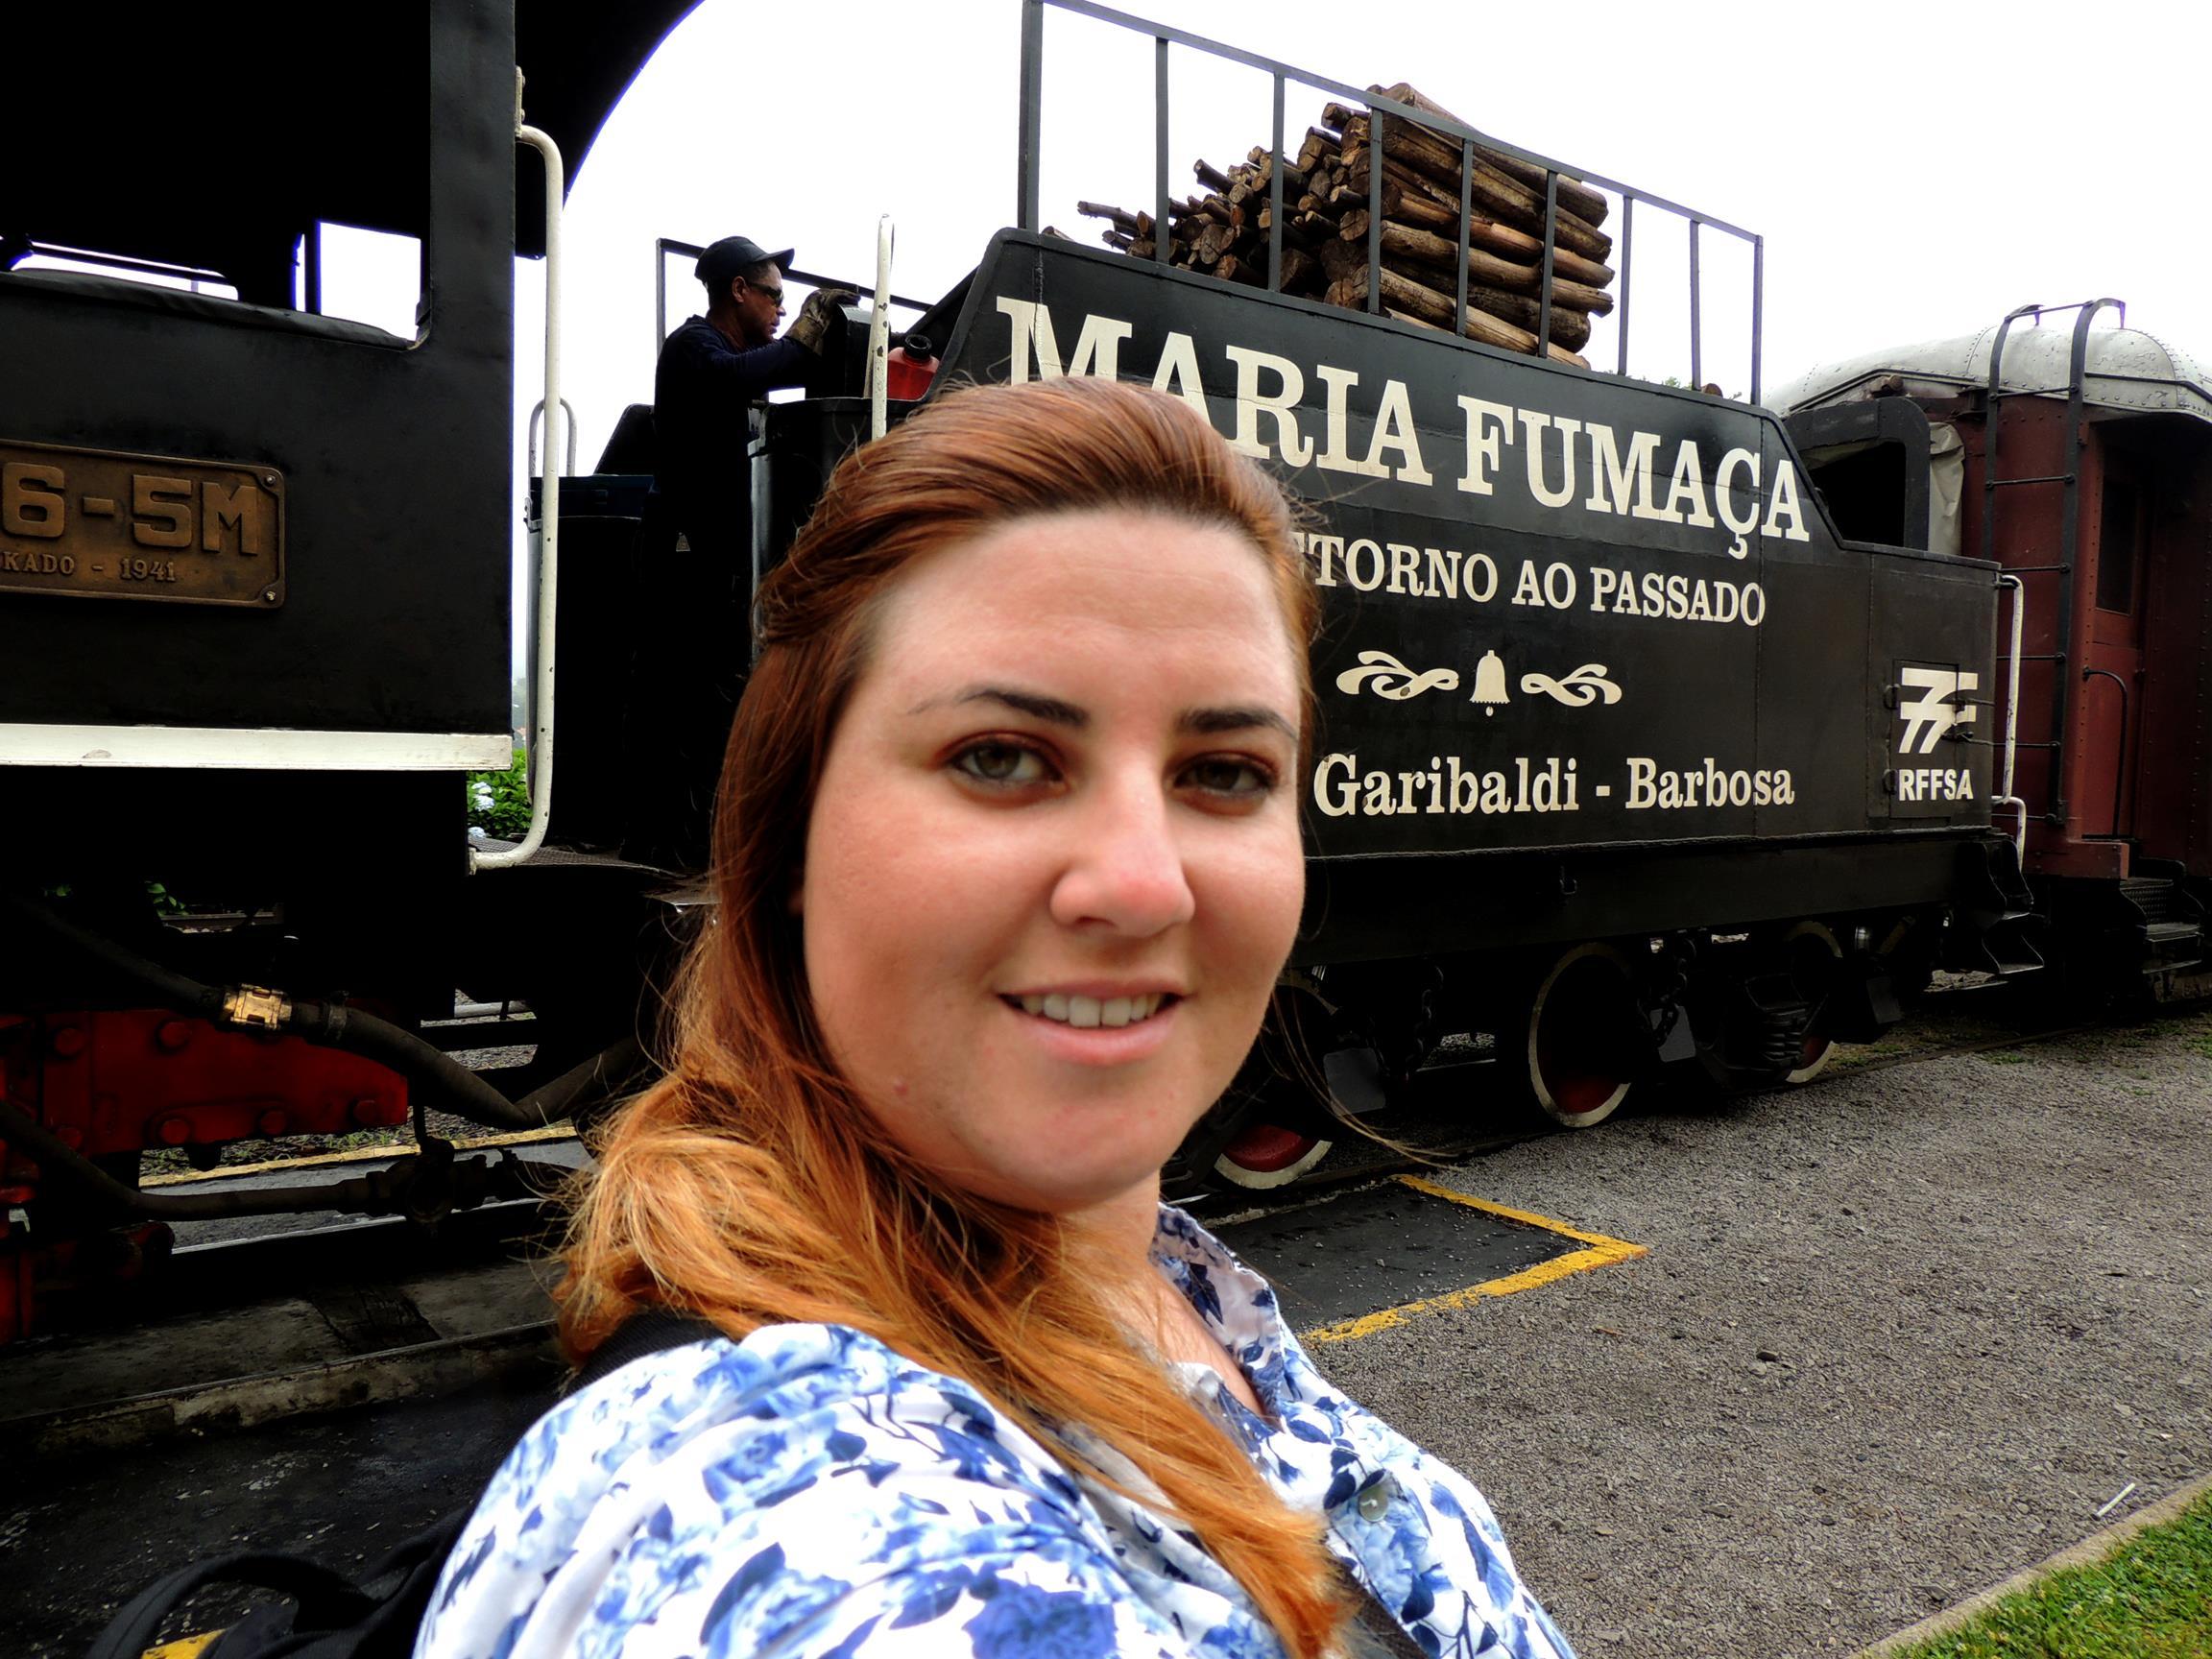 Maria Fumaça, em Bento Gonçalves